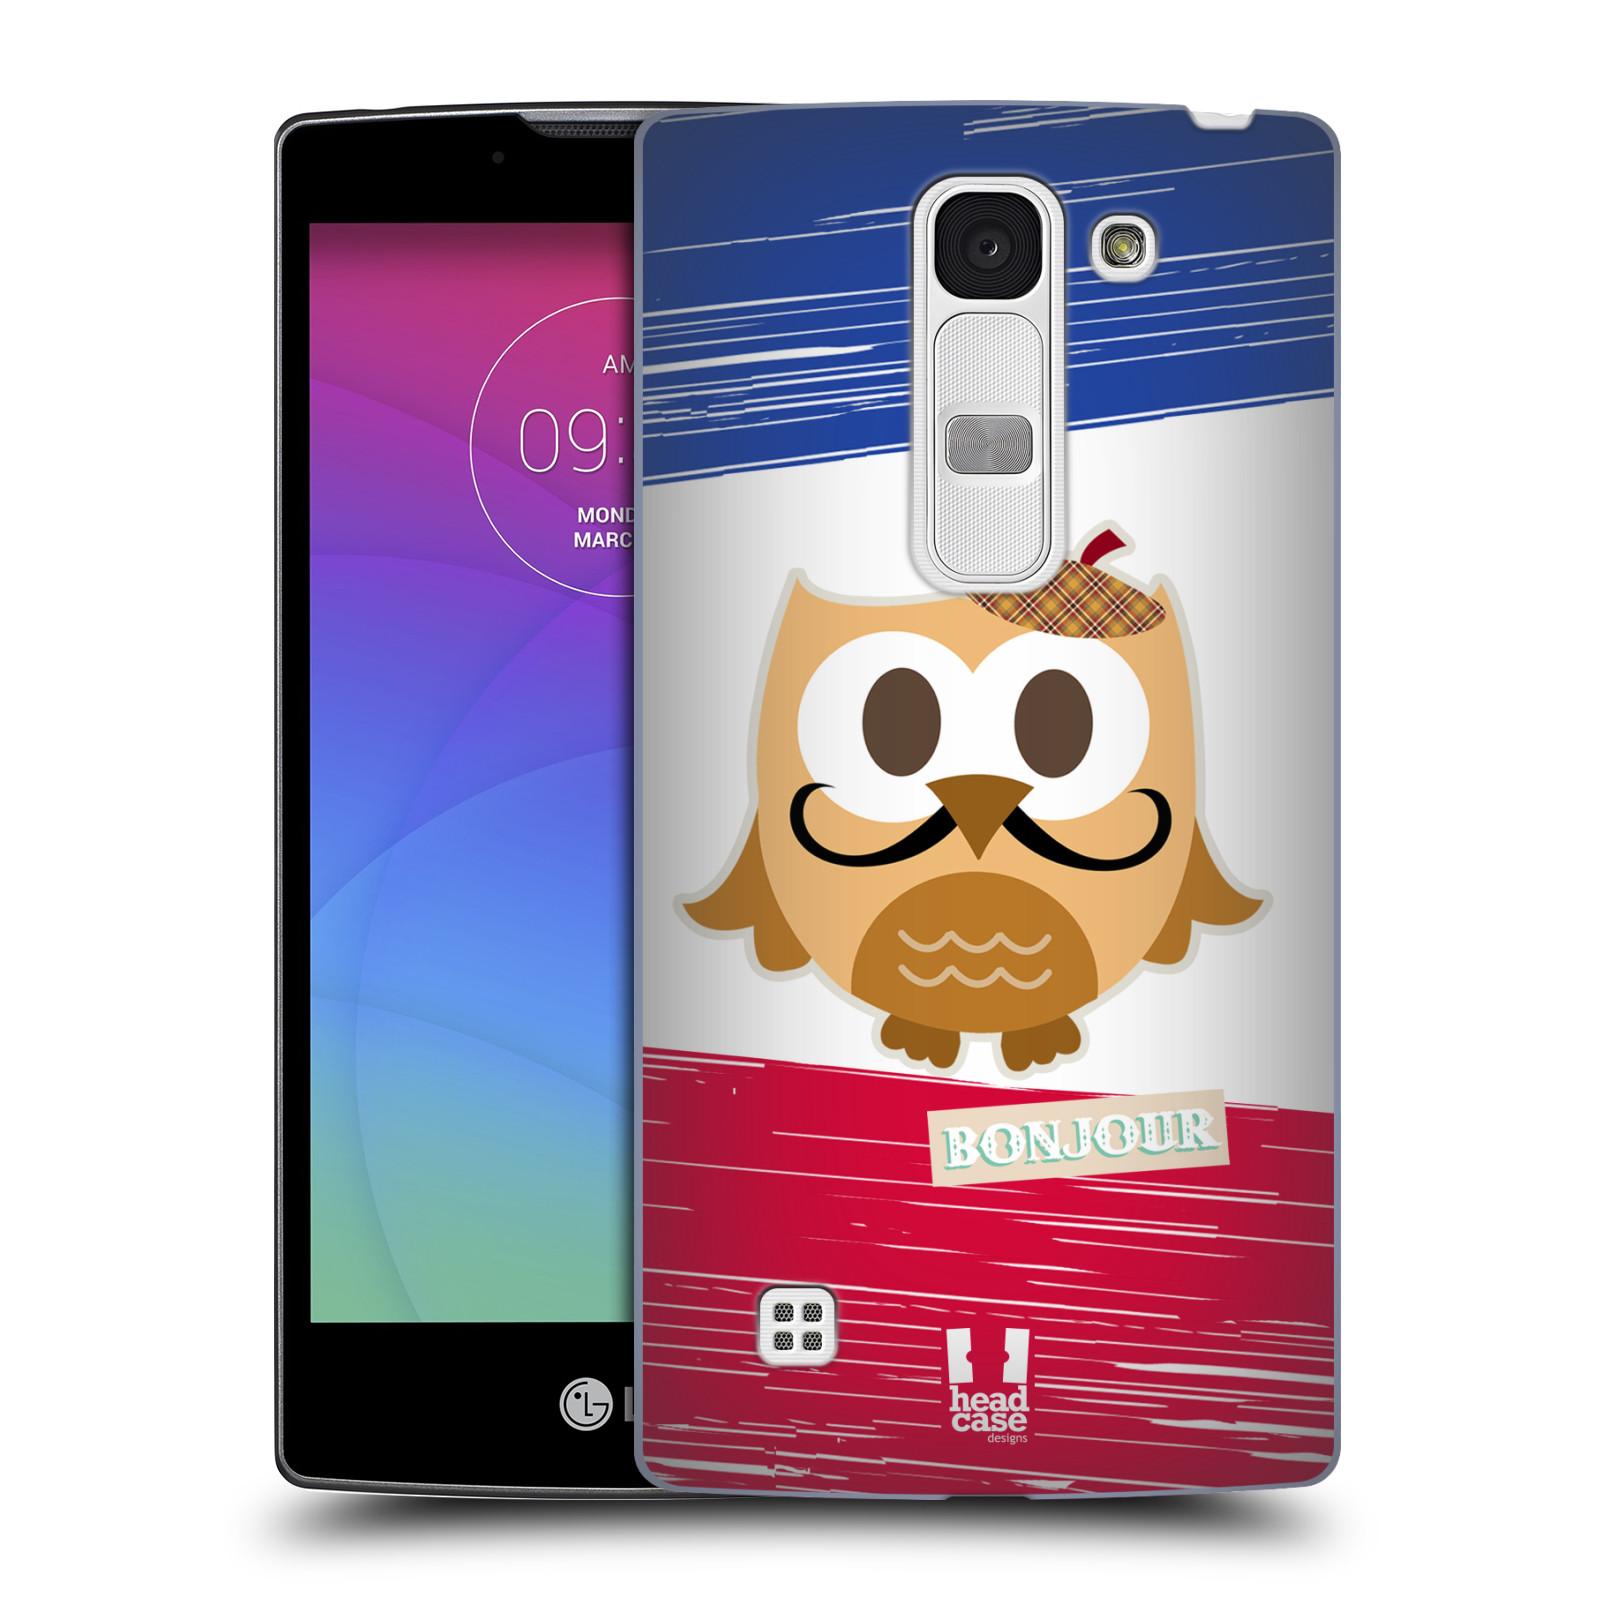 Plastové pouzdro na mobil LG Spirit LTE HEAD CASE SOVIČKA BONJOUR (Kryt či obal na mobilní telefon LG Spirit H420 a LG Spirit LTE H440N)